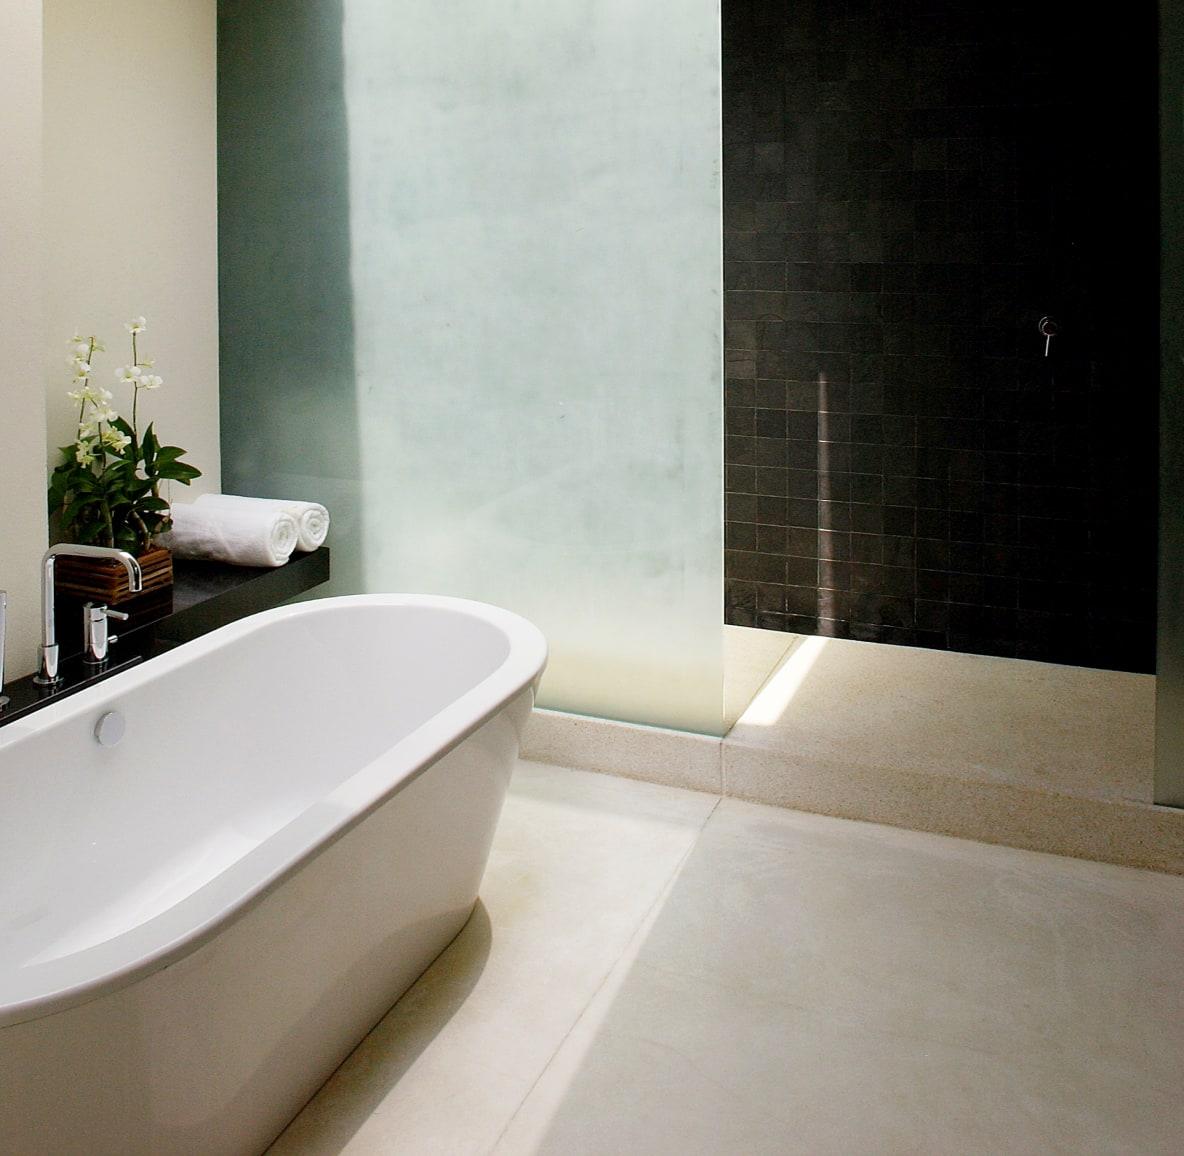 Eine freistehende Badewanne in einem schlichten Badezimmer